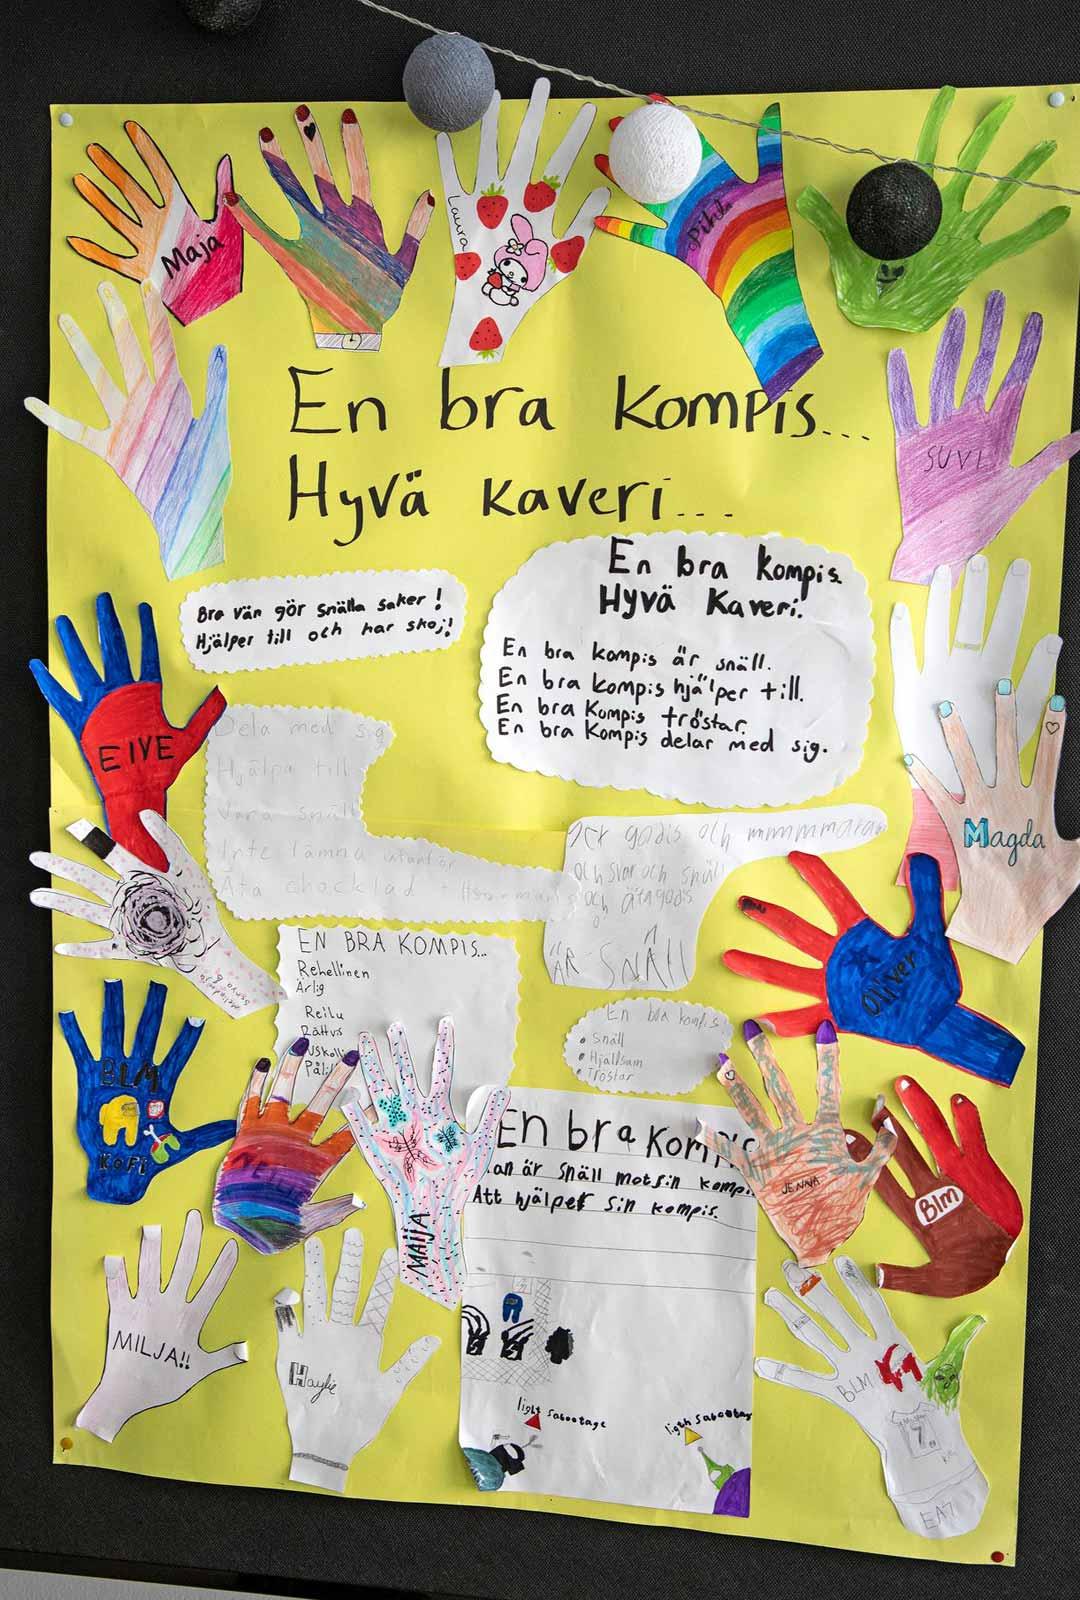 Ruotsinsuomalaiseen kouluun on jonotuslista. Kielikoetta ei ole, mutta jonkinlainen kytkös suomalaisuuteen tarvitaan.